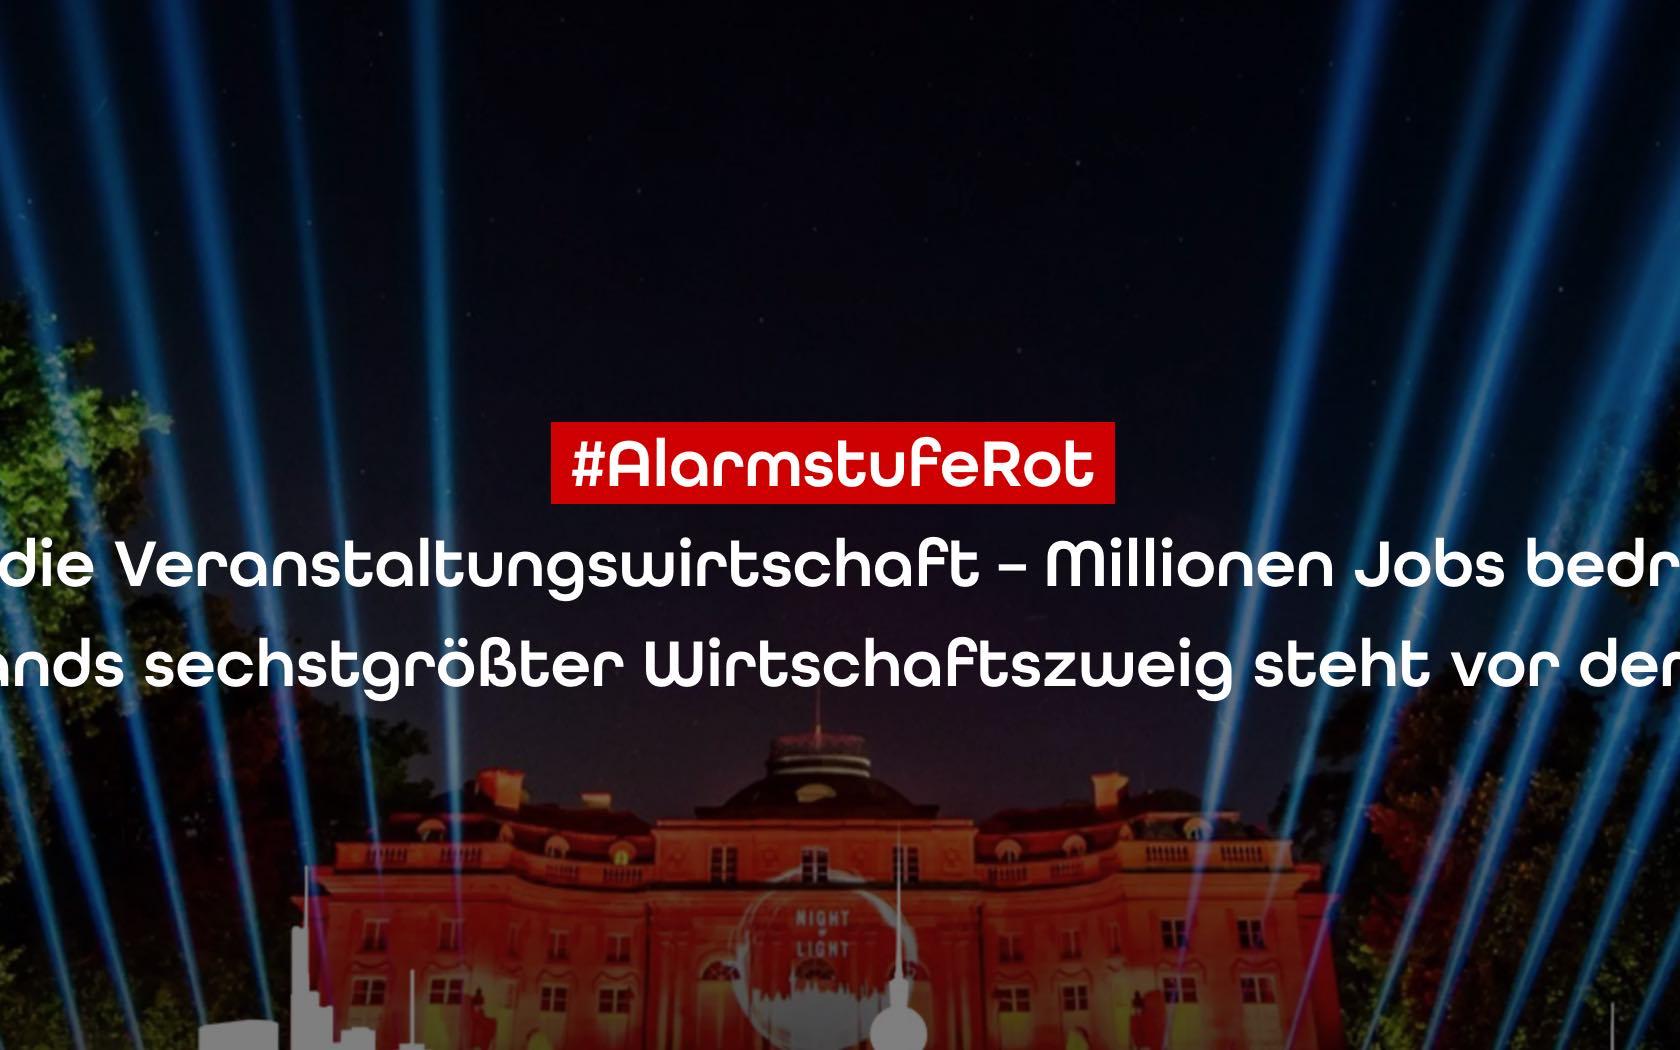 """#AlarmstufeRot kritisiert IW Darstellung und """"Neiddebatte"""""""